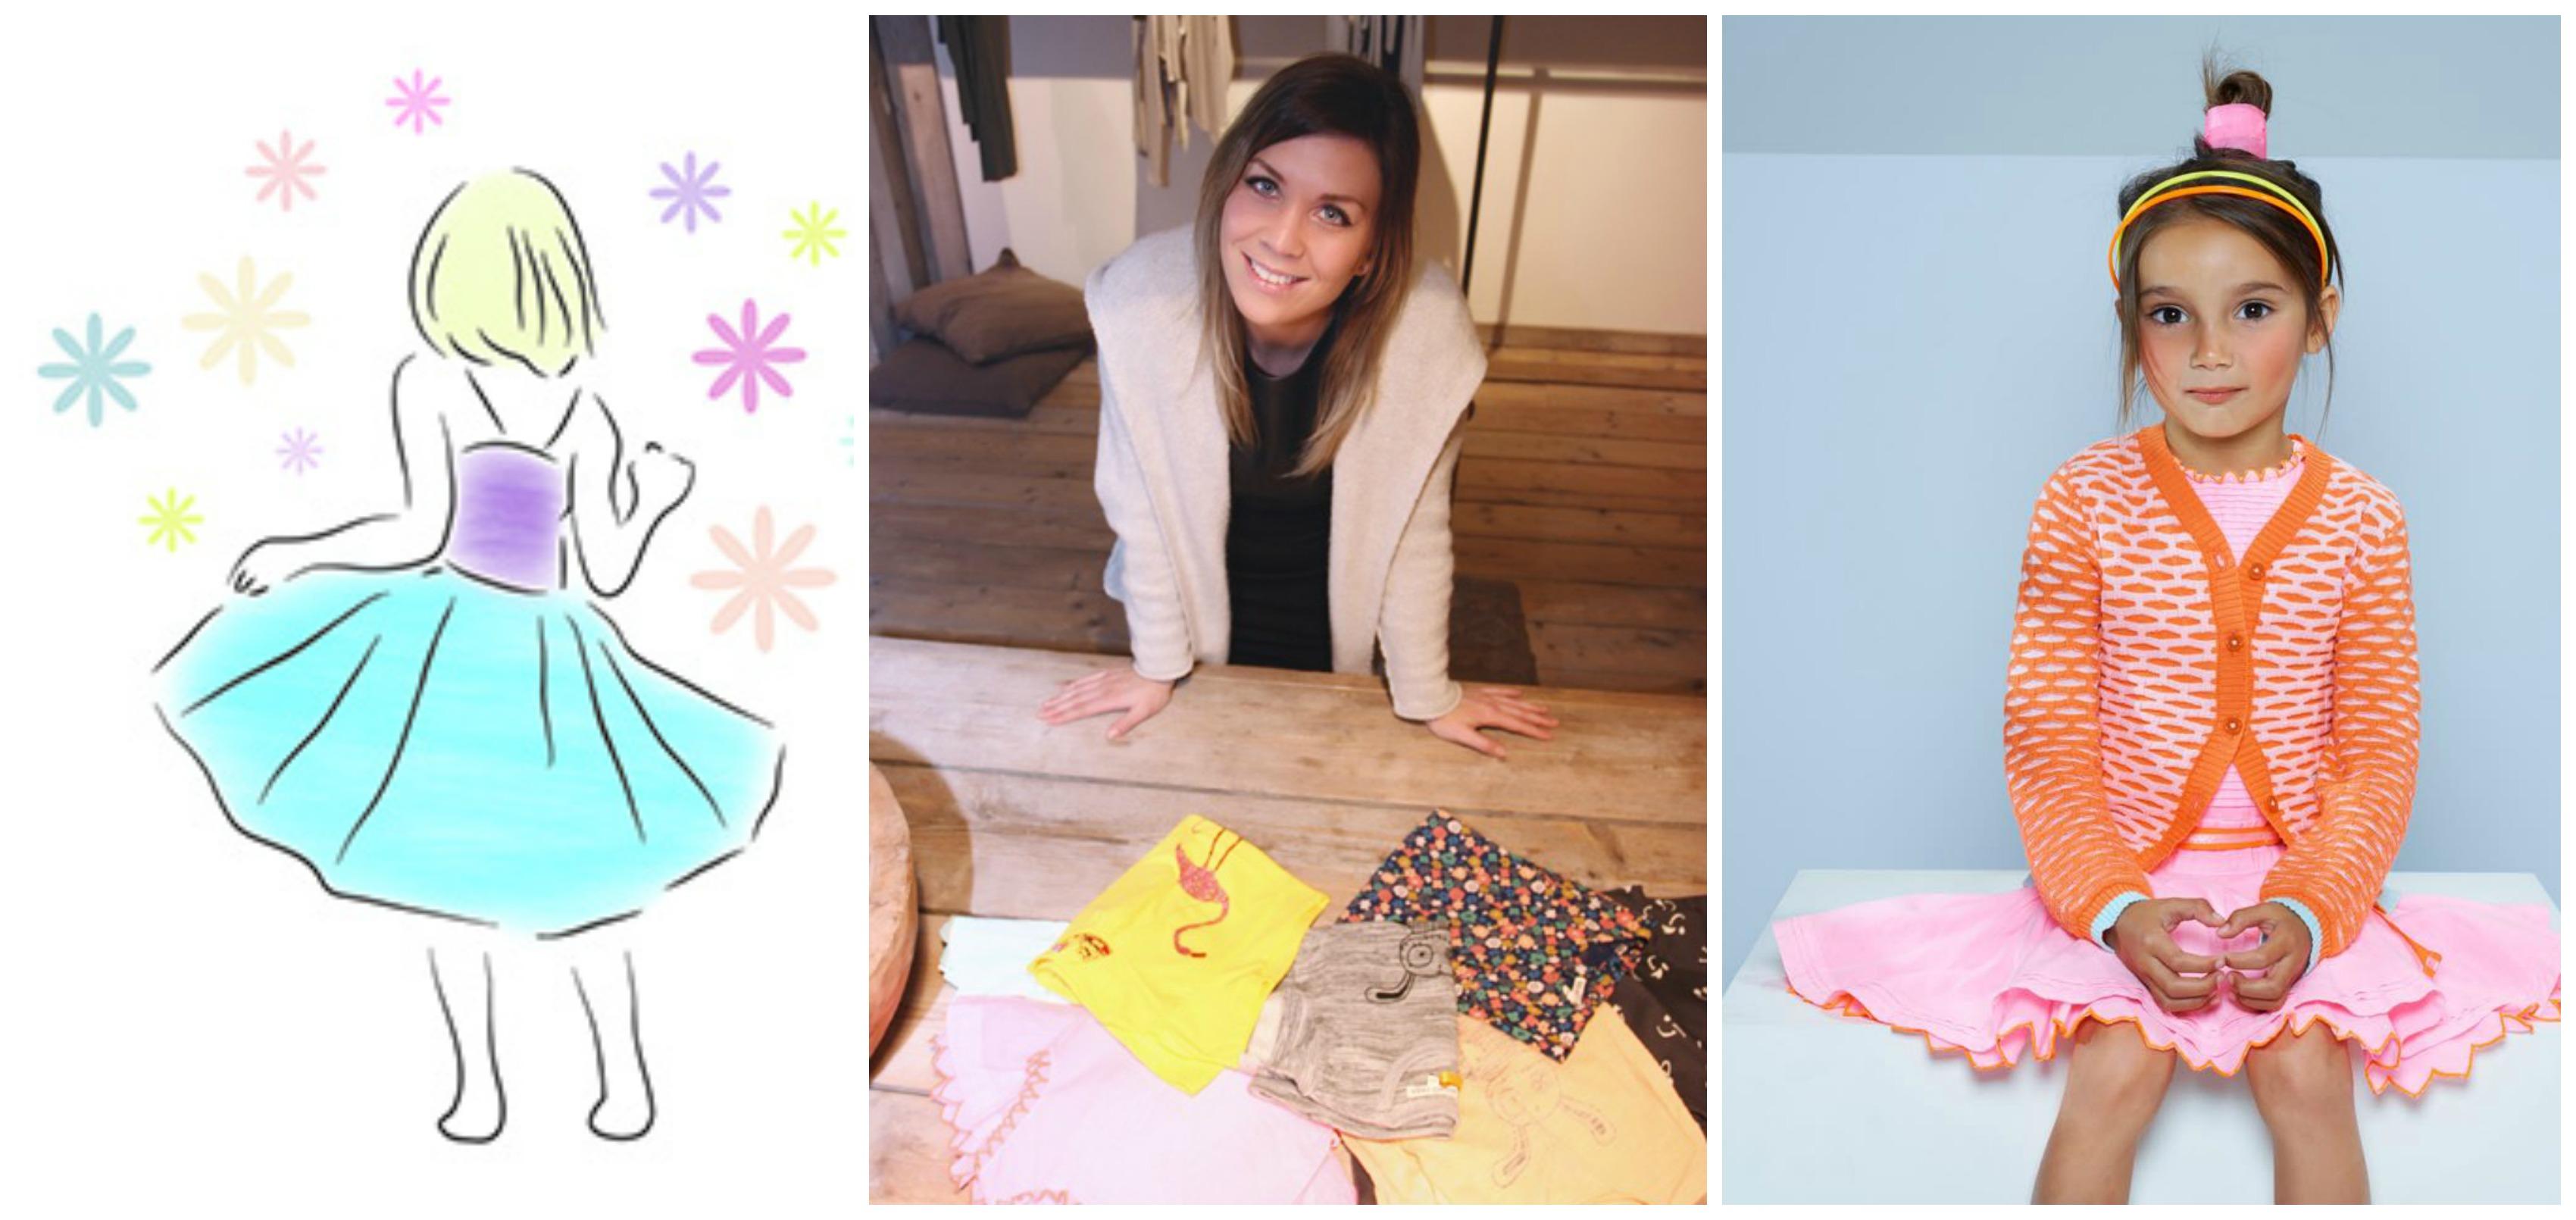 Charly's-GoodGirlsCompany-de leukste jurkjes-meisjes jurken-jurken voor meisjes-kindermodeblog-Kim Haver